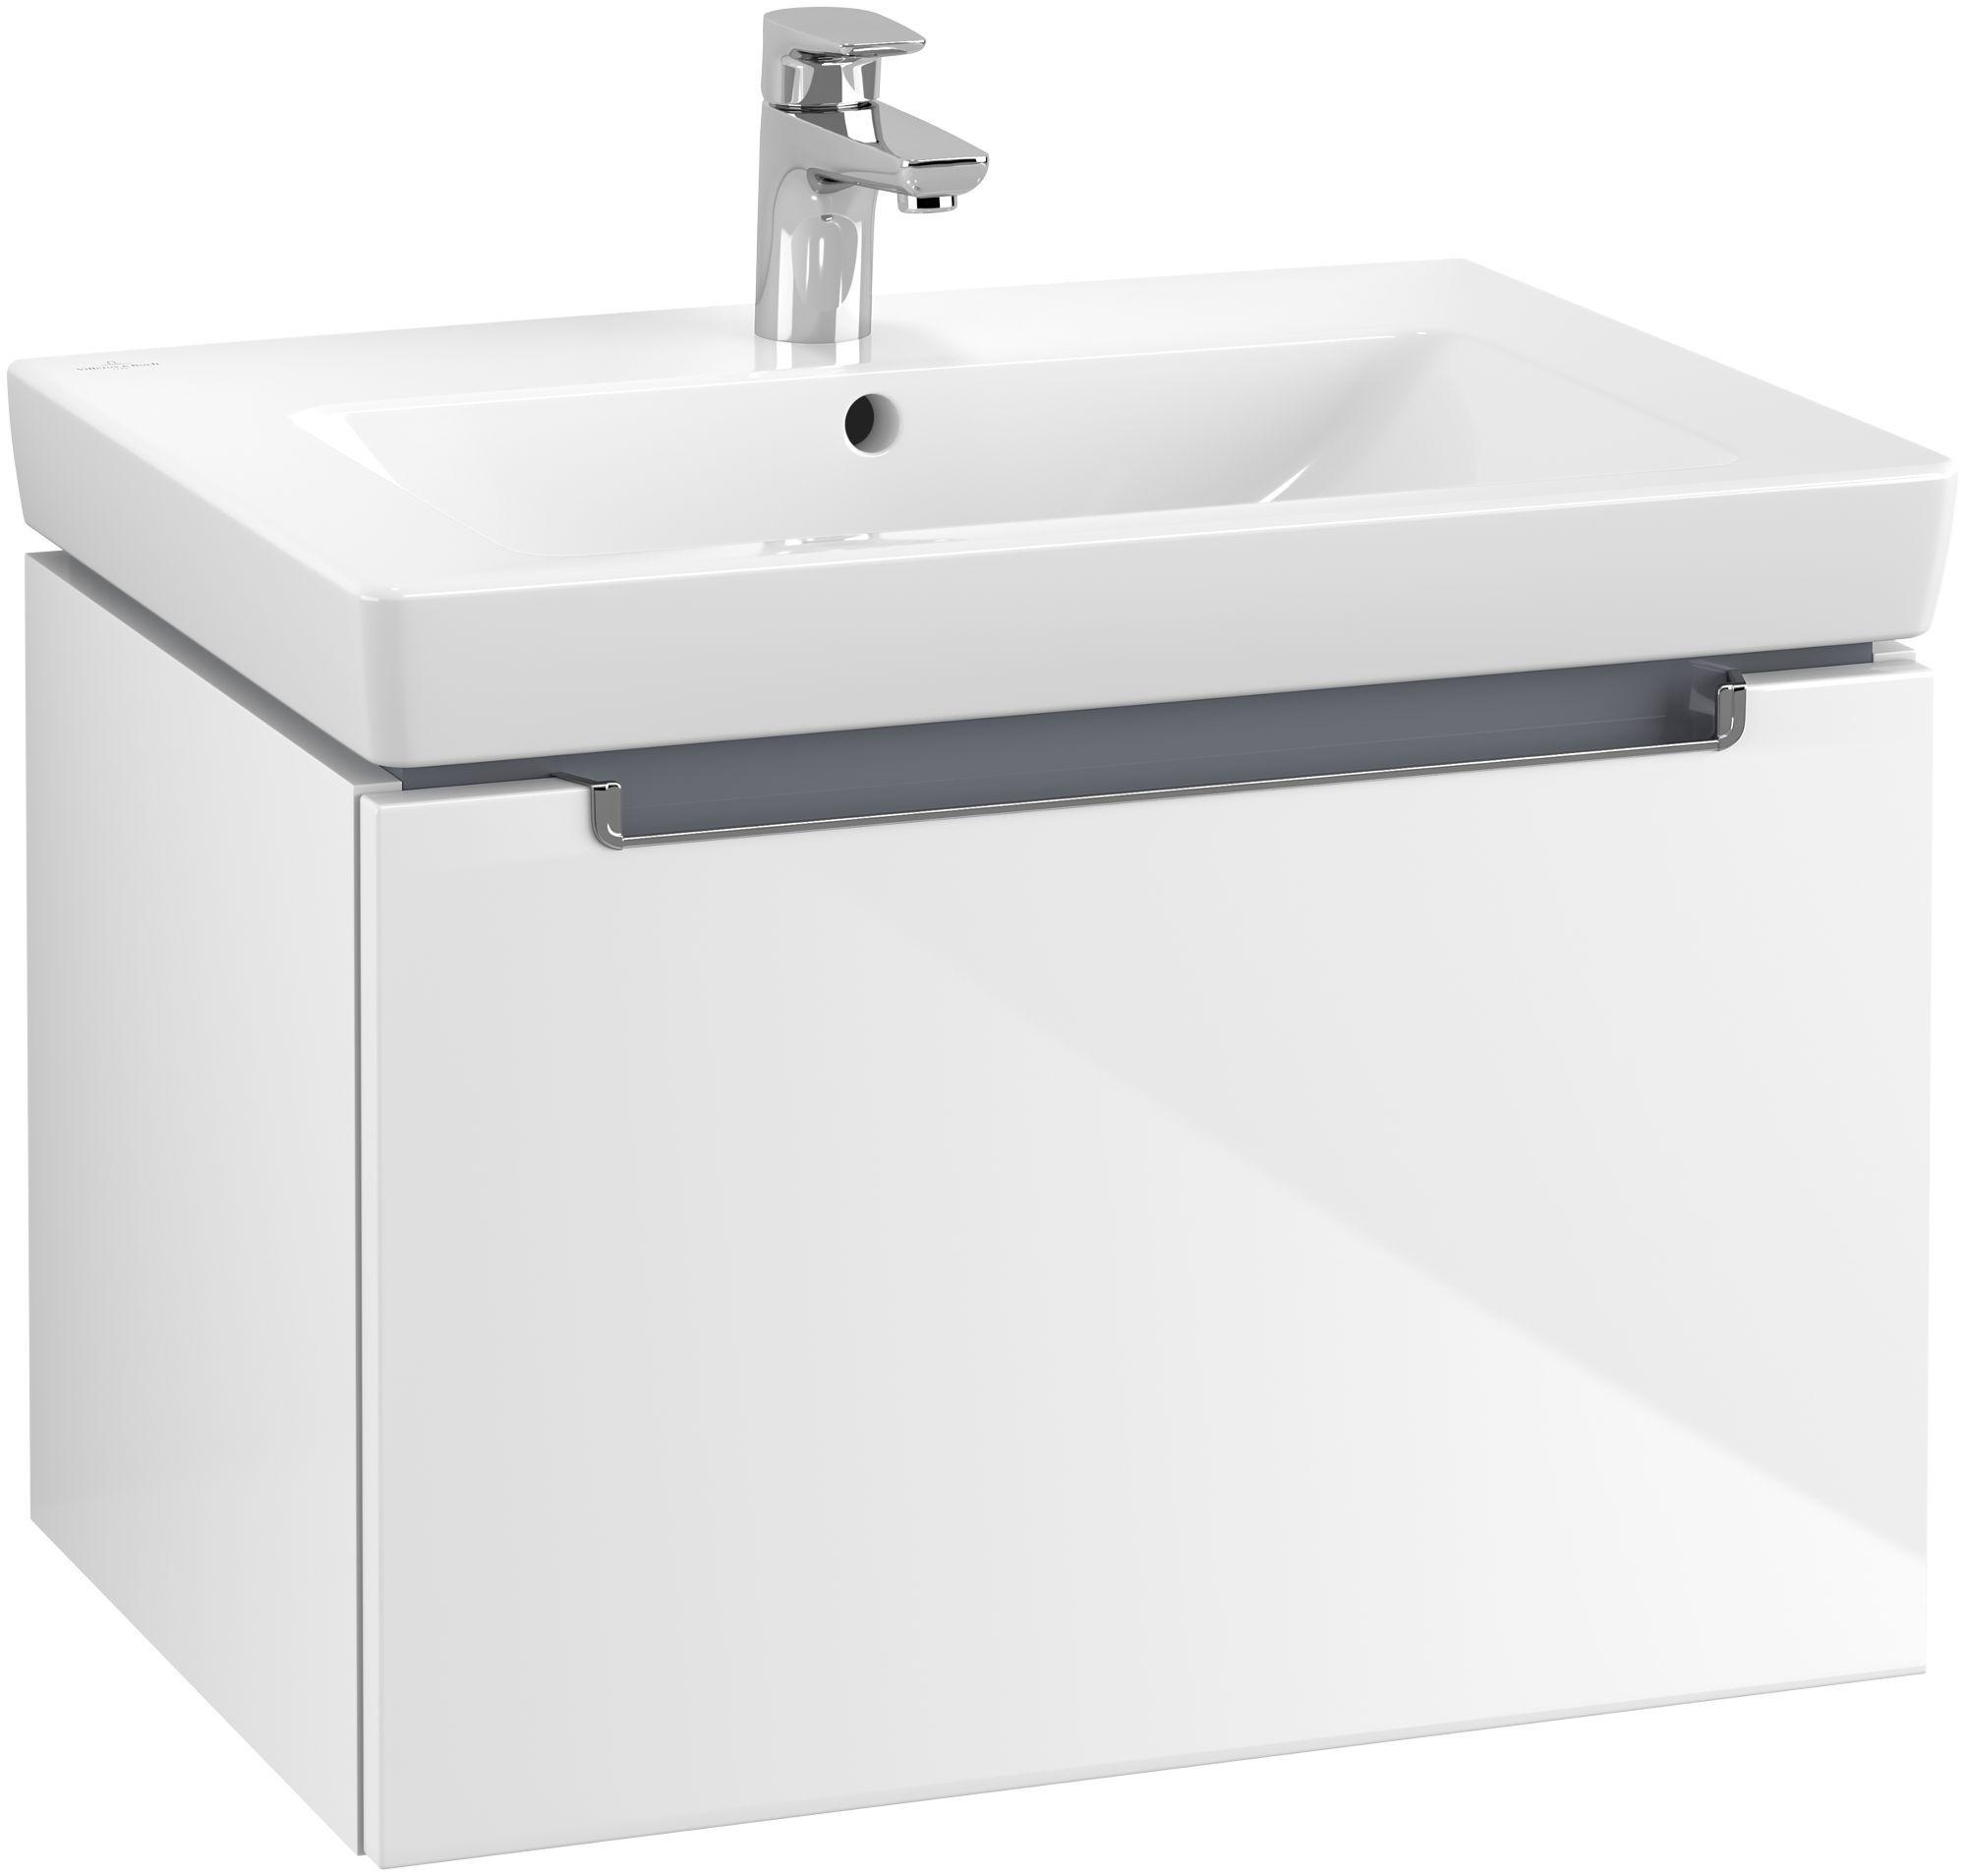 Villeroy & Boch Subway 2.0 Waschtischunterschrank 1 Auszug B:637xT:454xH:420mm glossy weiß Griffe chrom A68810DH